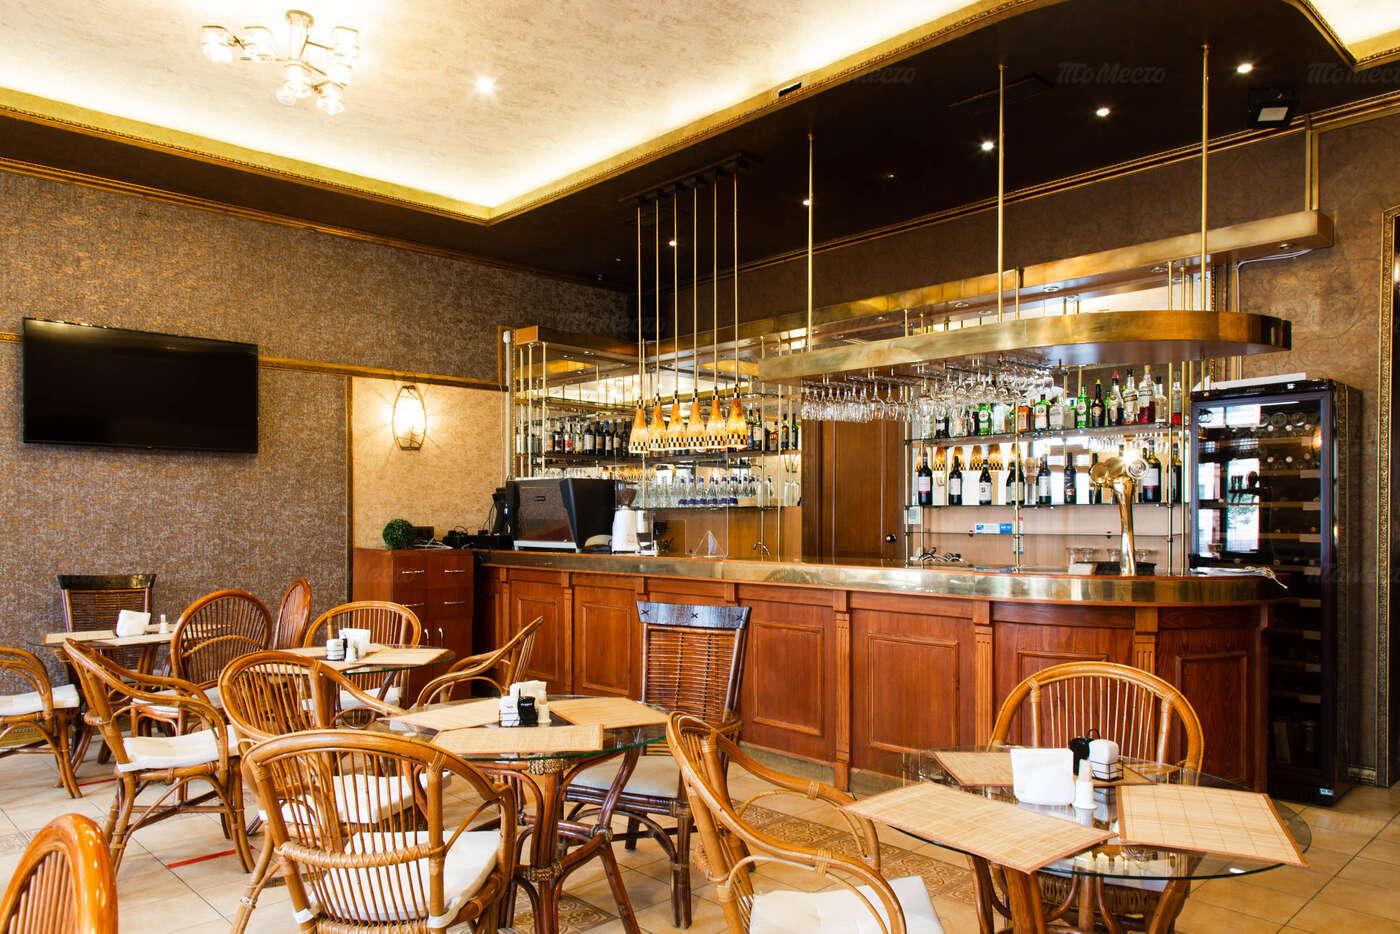 Ресторан BISTRO A-STYLE (Бистро астайл) на набережной реки Фонтанки фото 4